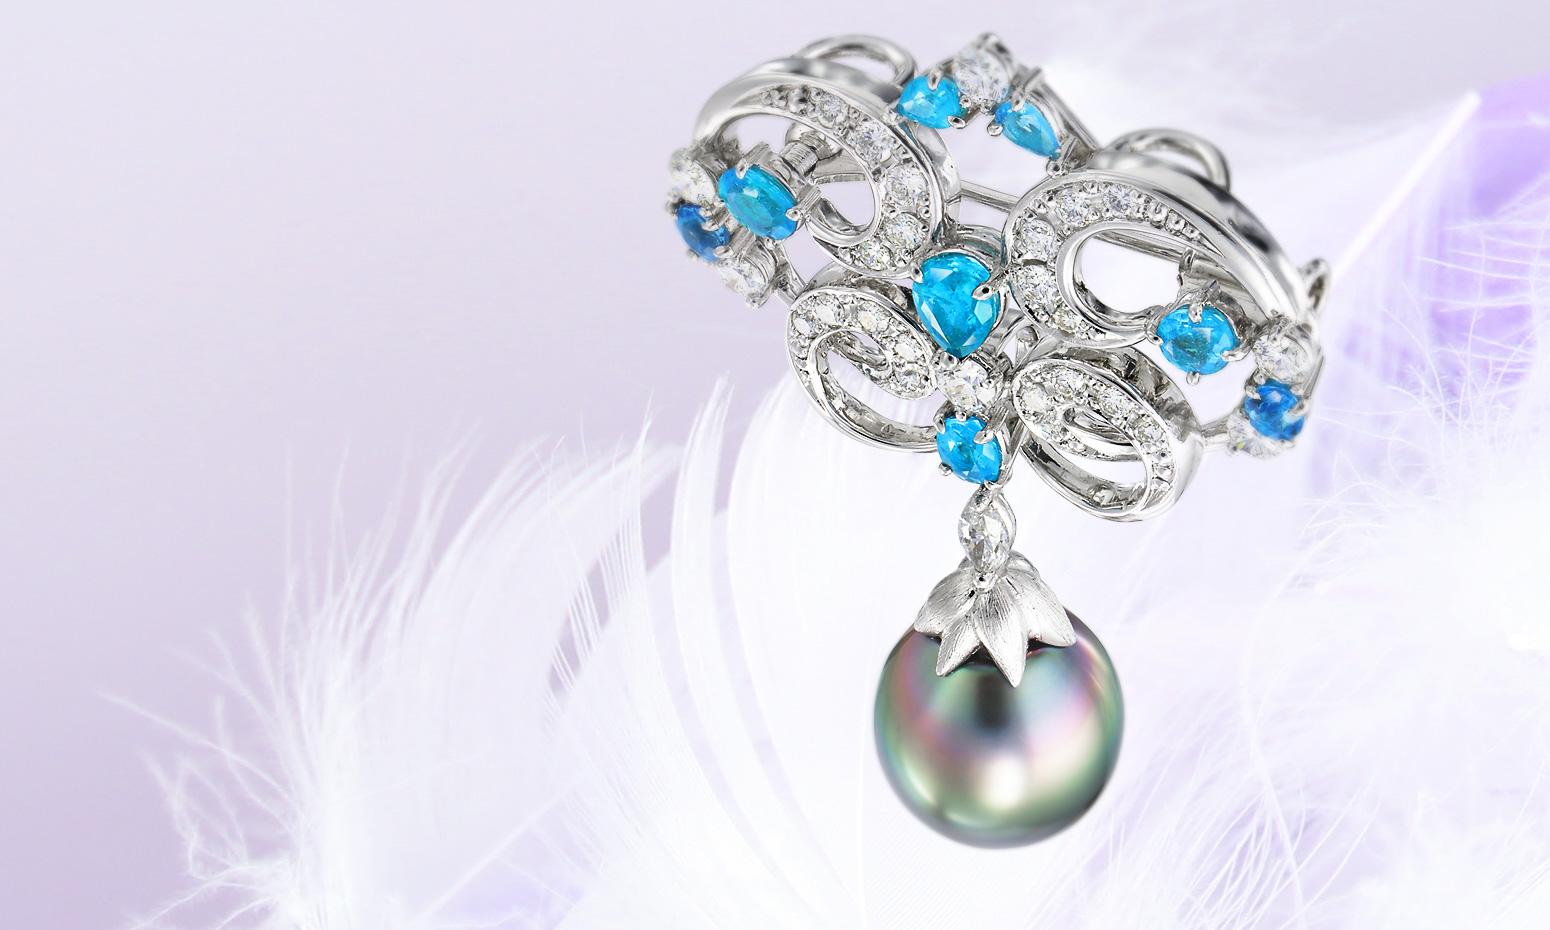 パライバトルマリン、ダイヤモンドを使用したレリーフ調のペンダント。先端の南洋真珠の照りからその品質がわかります。加代子ジュエリーのブローチはこちらからどうぞ